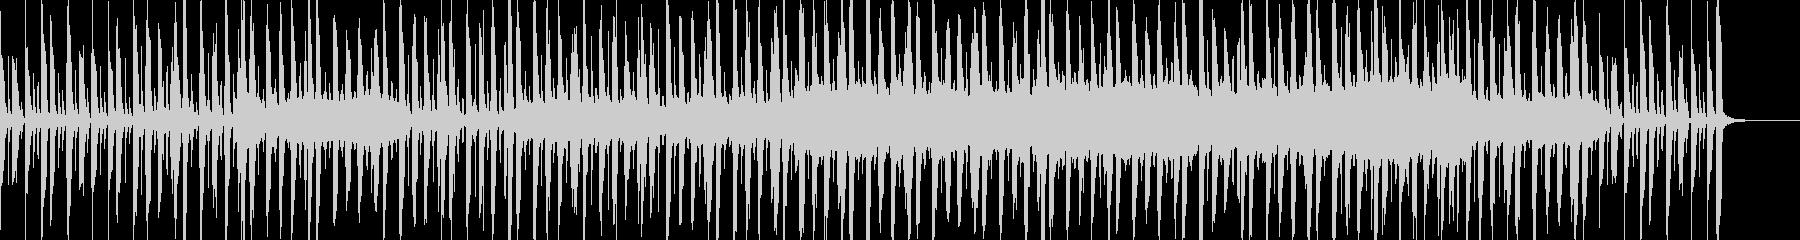 楽しい・ワイワイ アコギ・オルガンの未再生の波形